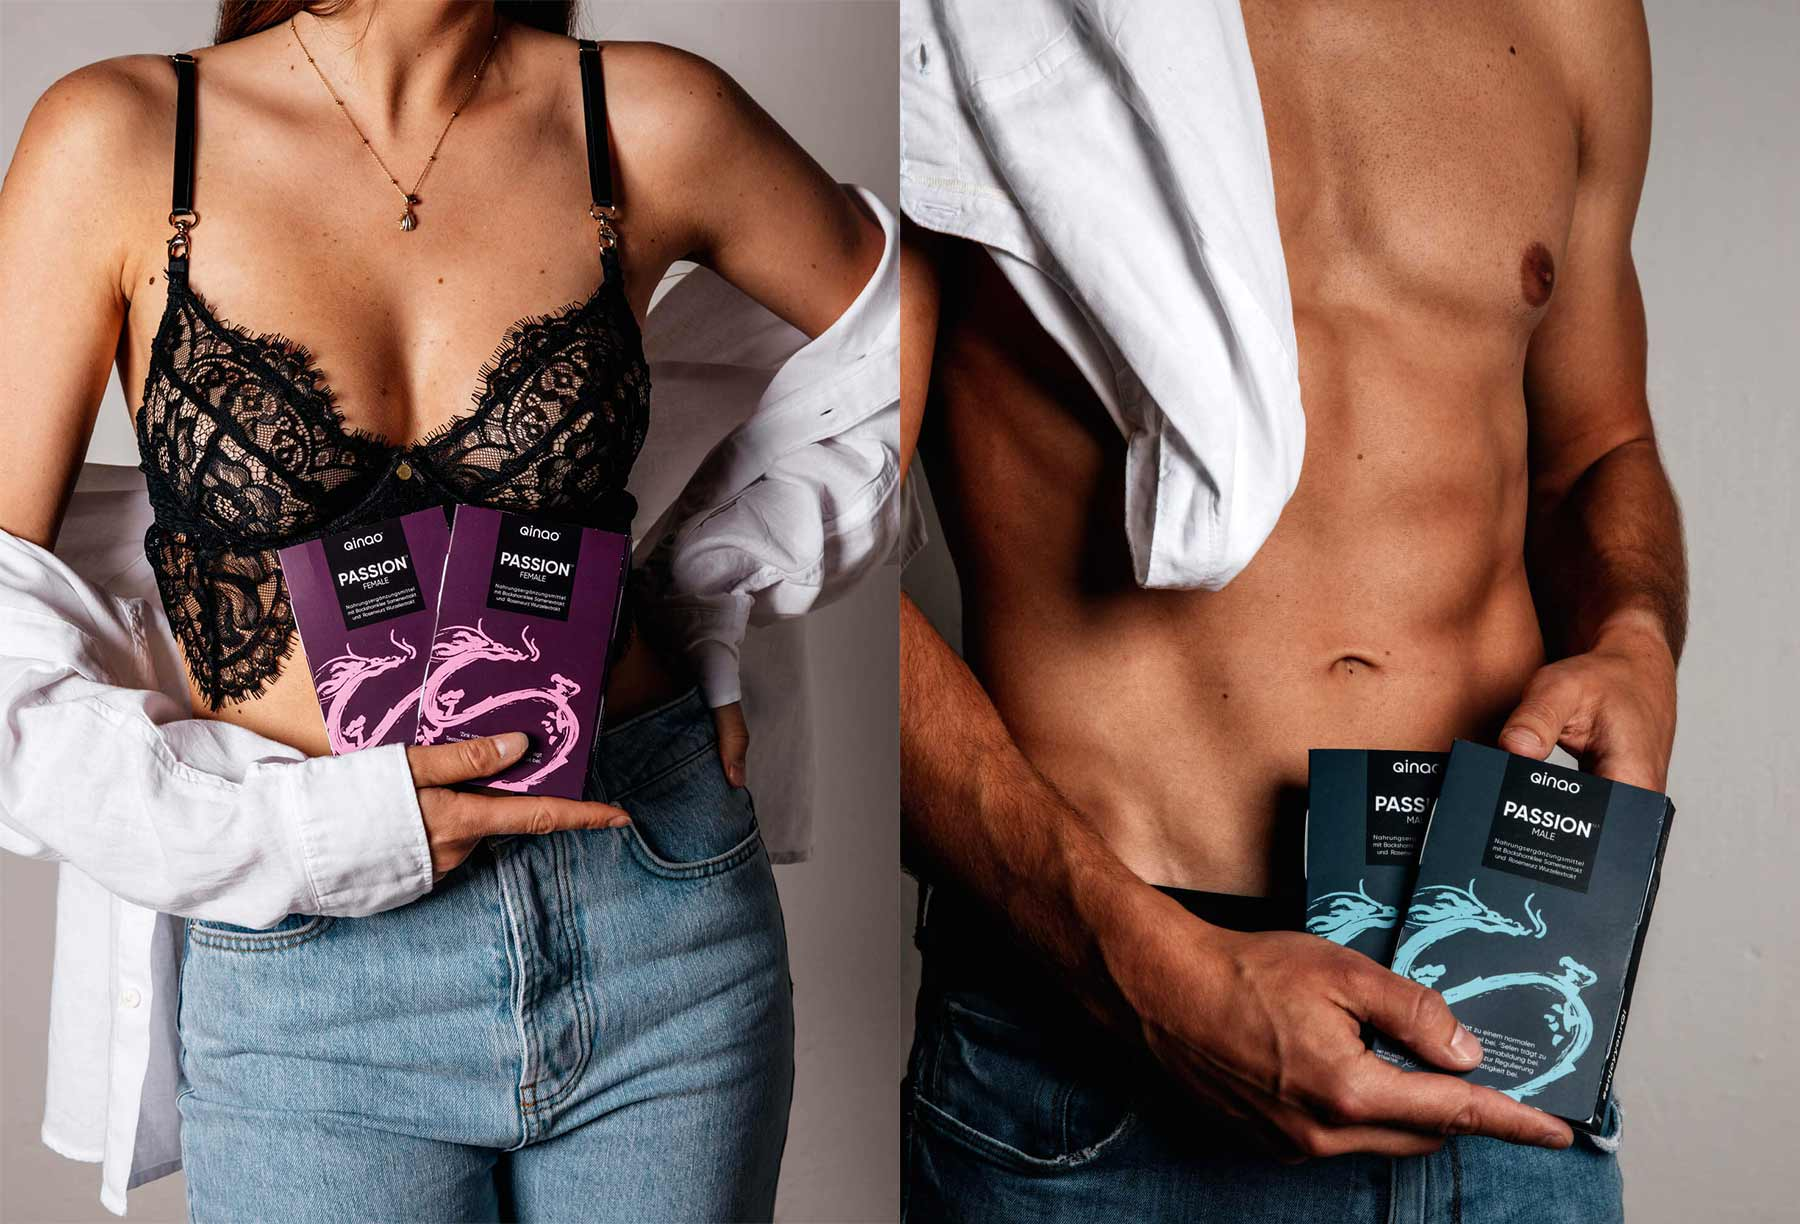 Qinao® PASSION: Nahrungsergänzungsmittel zur Steigerung des Lustempfindens (20%-Gutscheincode!)